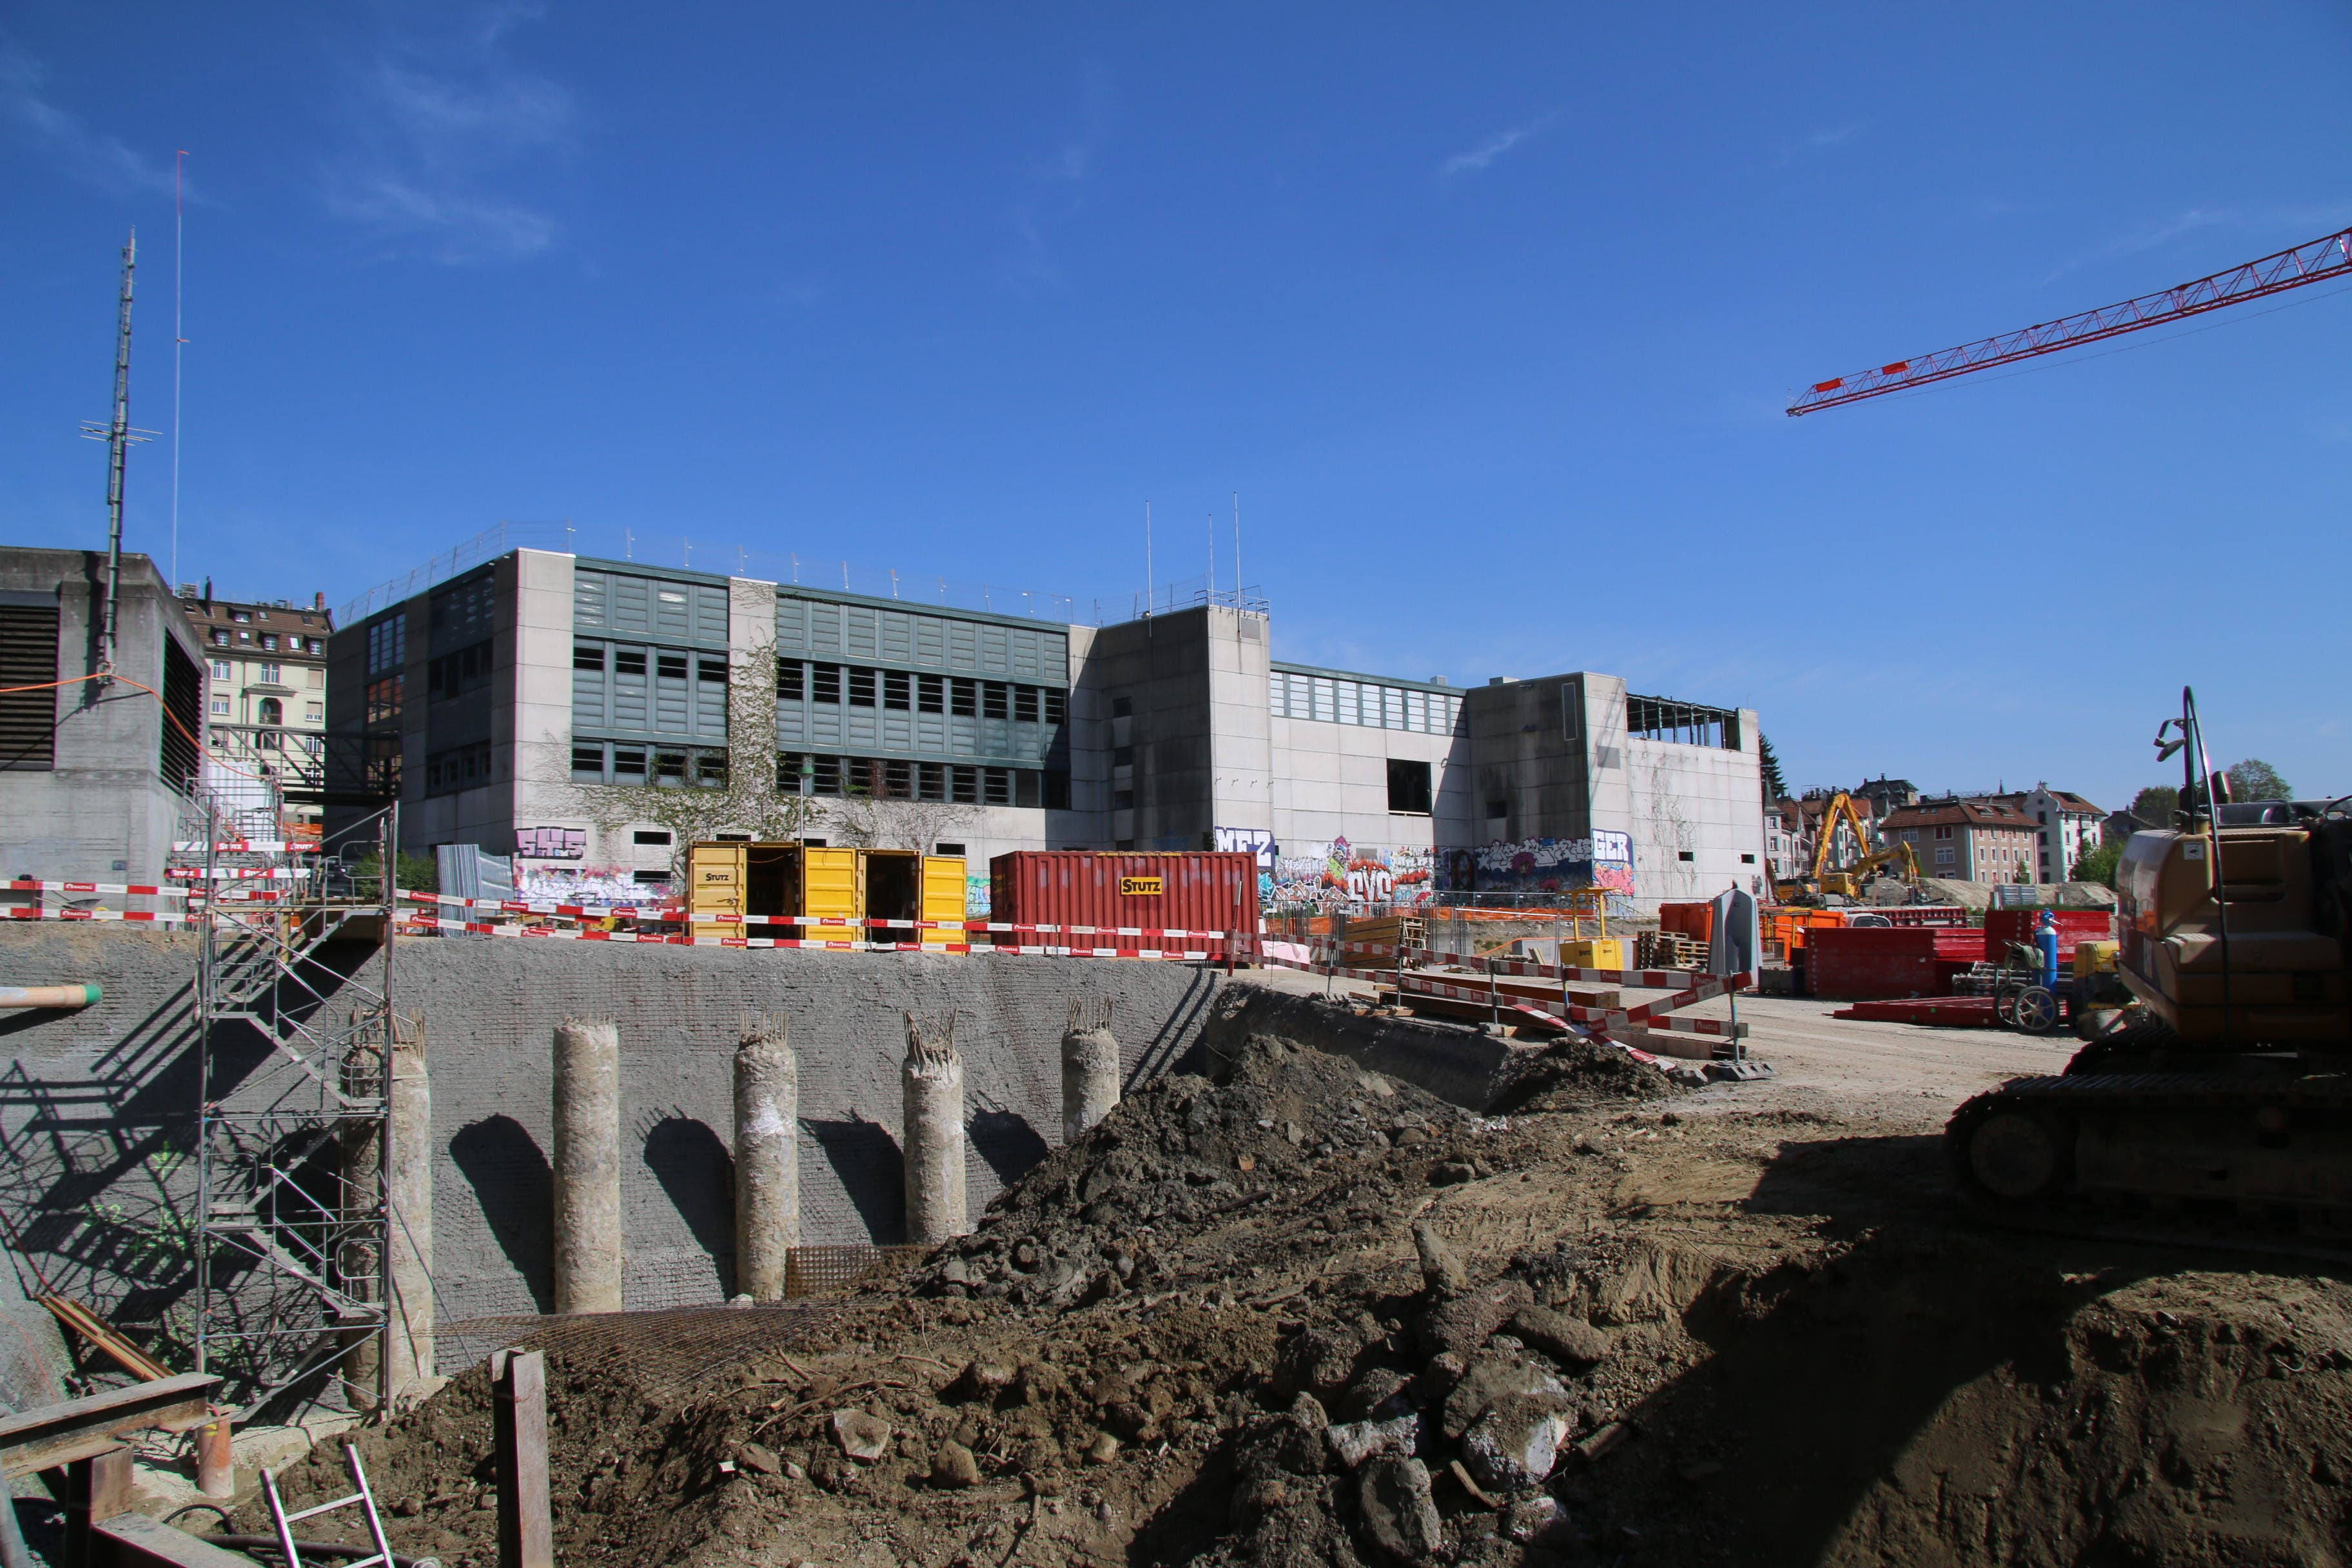 Die alte Olma-Halle 1 wird derzeit für den Abbruch vorbereitet.